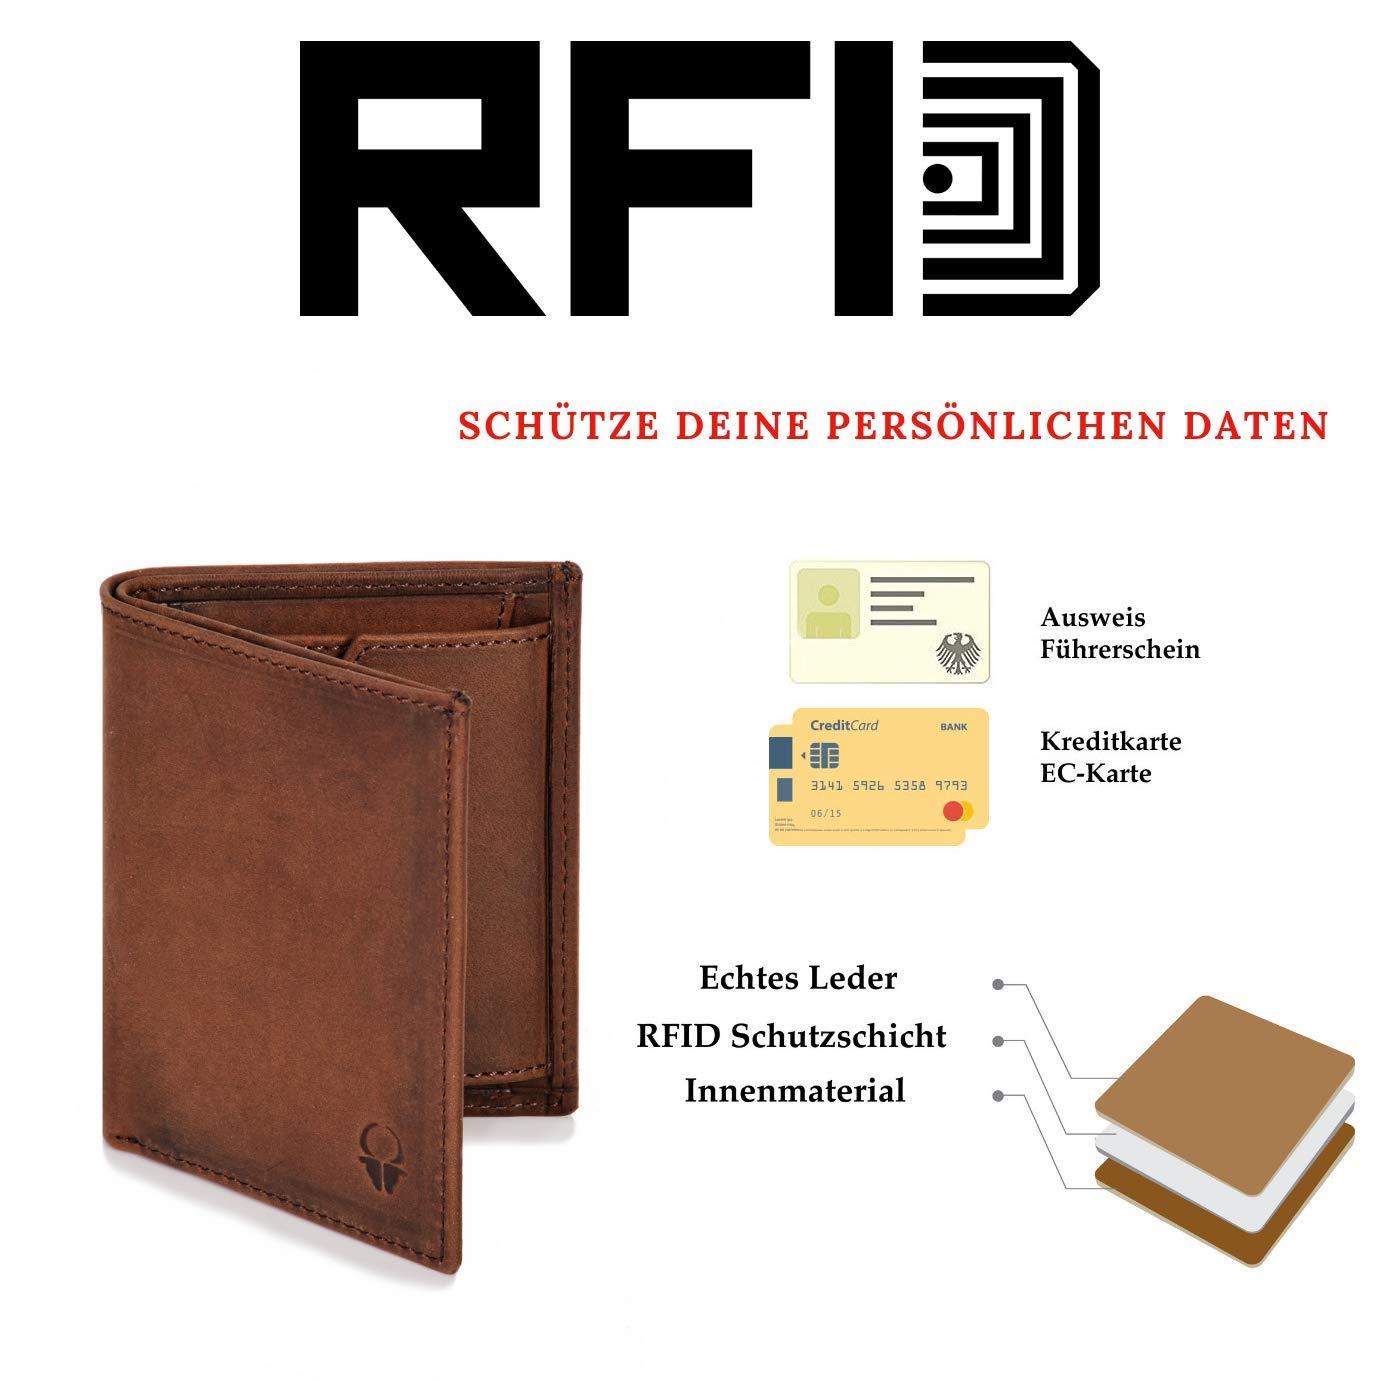 fafcb33257d3a Donbolso Leder Geldbörse Rom - Geldbeutel klein mit RFID Schutz - Mini  Portemonnaie für Herren und Damen - Slim Wallet mit Münzfach - Braun   Amazon.de  ...